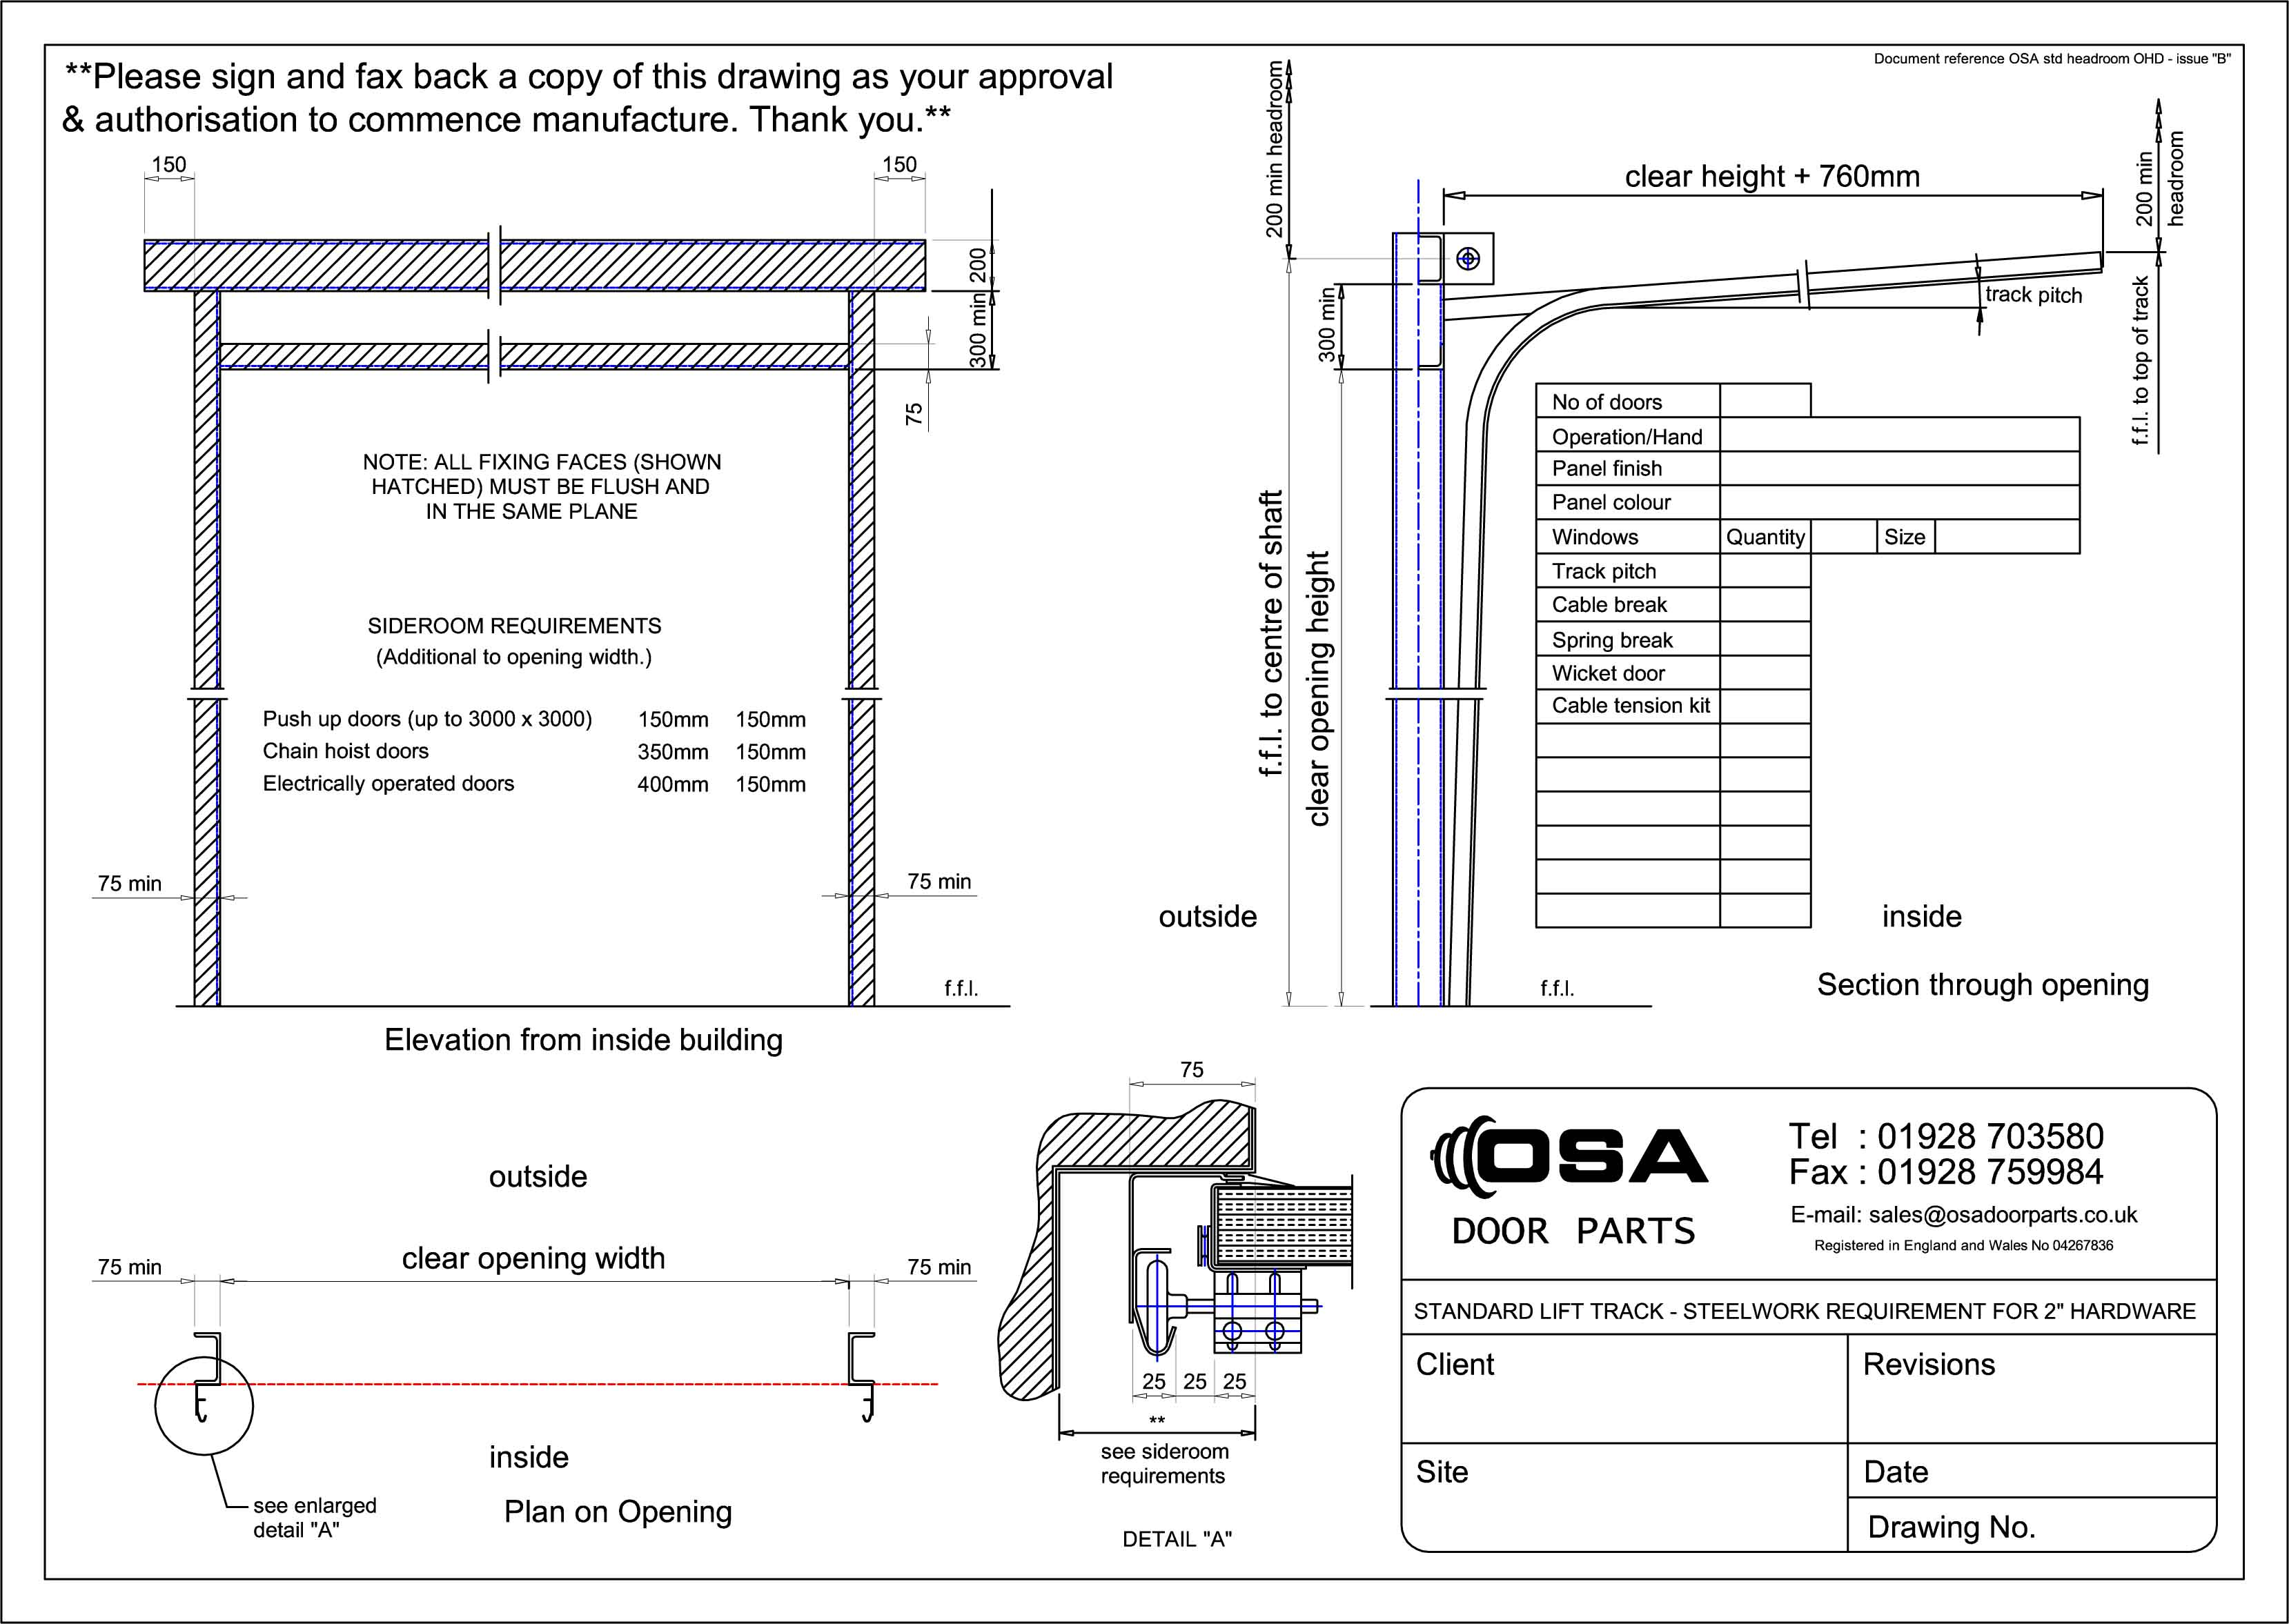 Overhead Garage Door Details : Overhead door details garage information begley